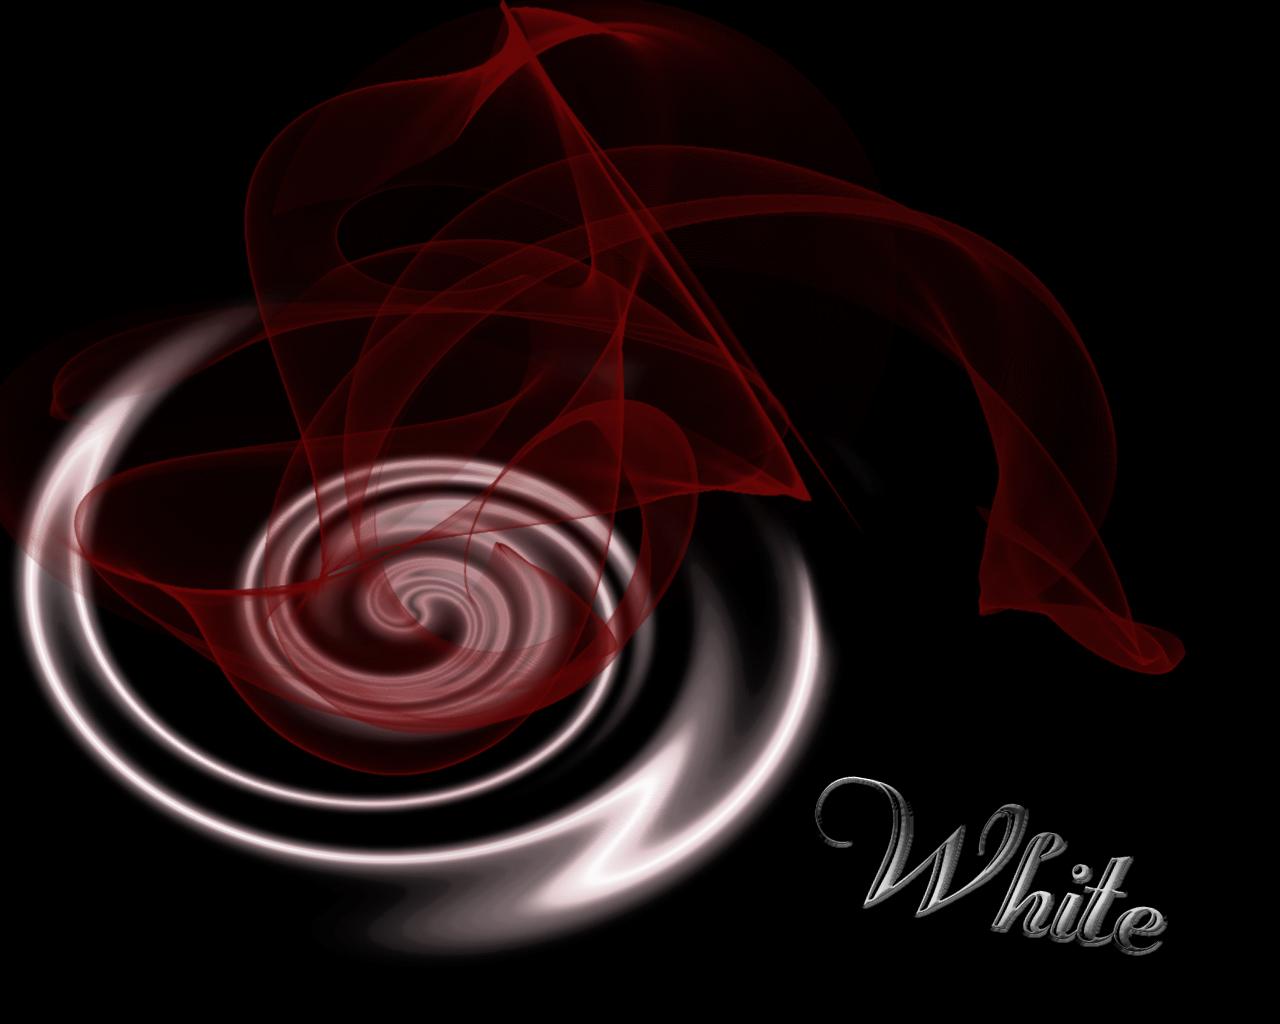 whitesumnail.jpg